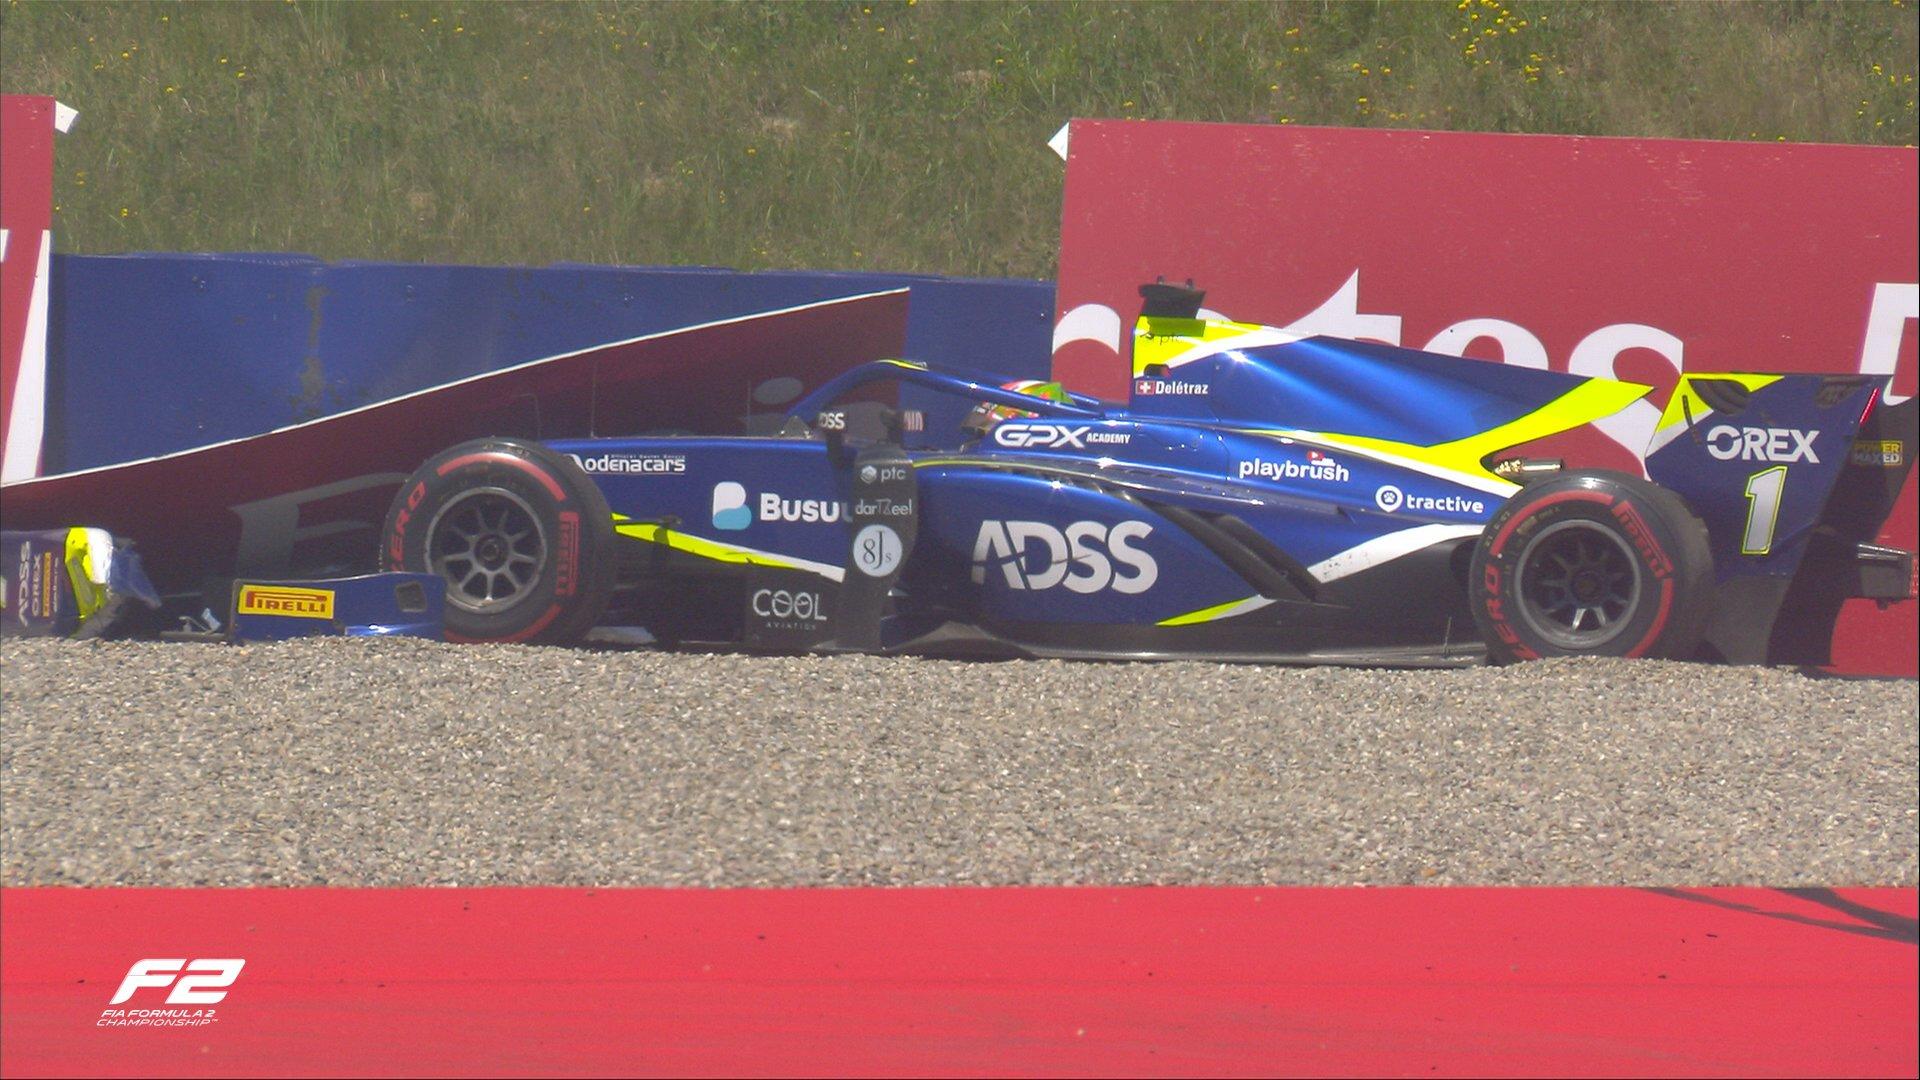 FIA F2 – GP d'Autriche: Un gros crash prive Louis Delétraz de la victoire. Boschung jette définitivement l'éponge